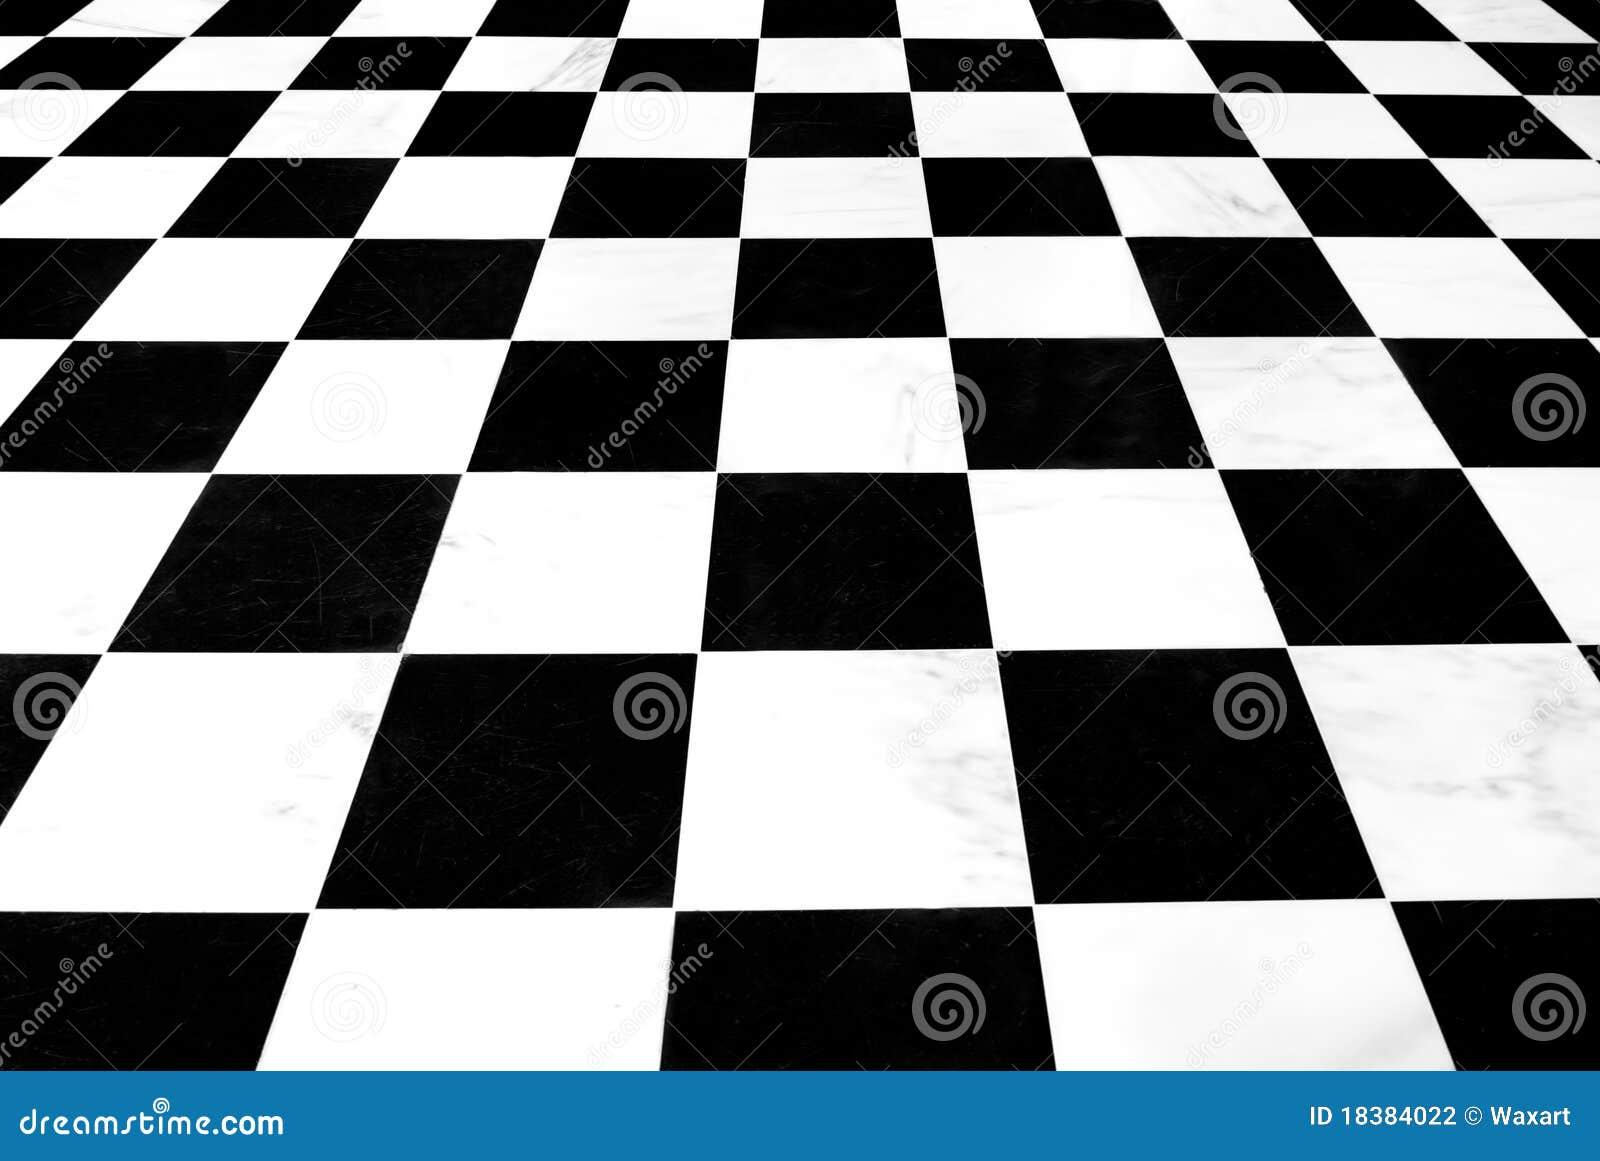 黑色方格的楼层白色